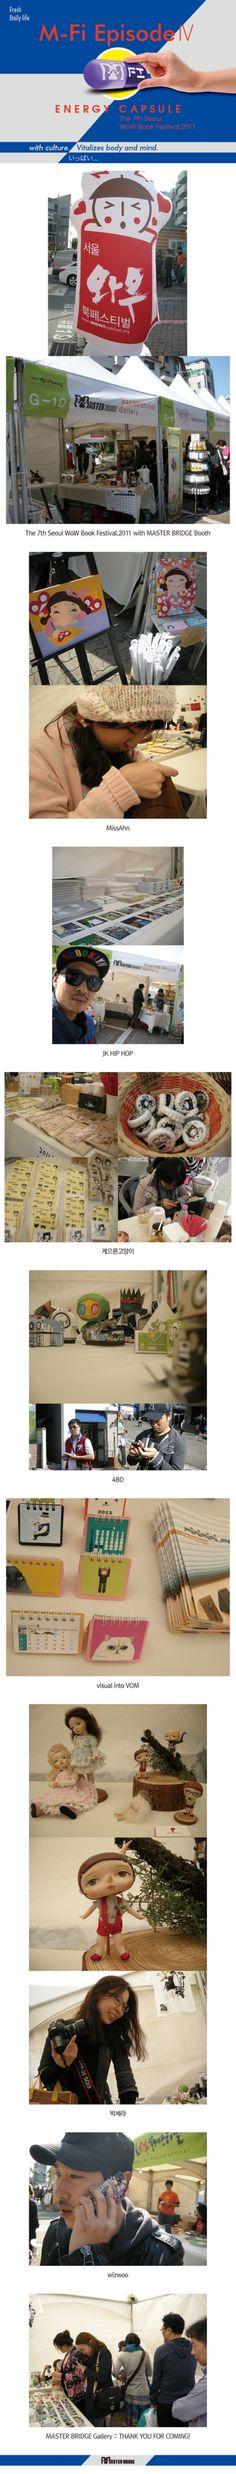 M-Fi《Episode》∥ Art & Culture // The 7th Seoul WoW Book Festival. 2011 : 네이버 블로그